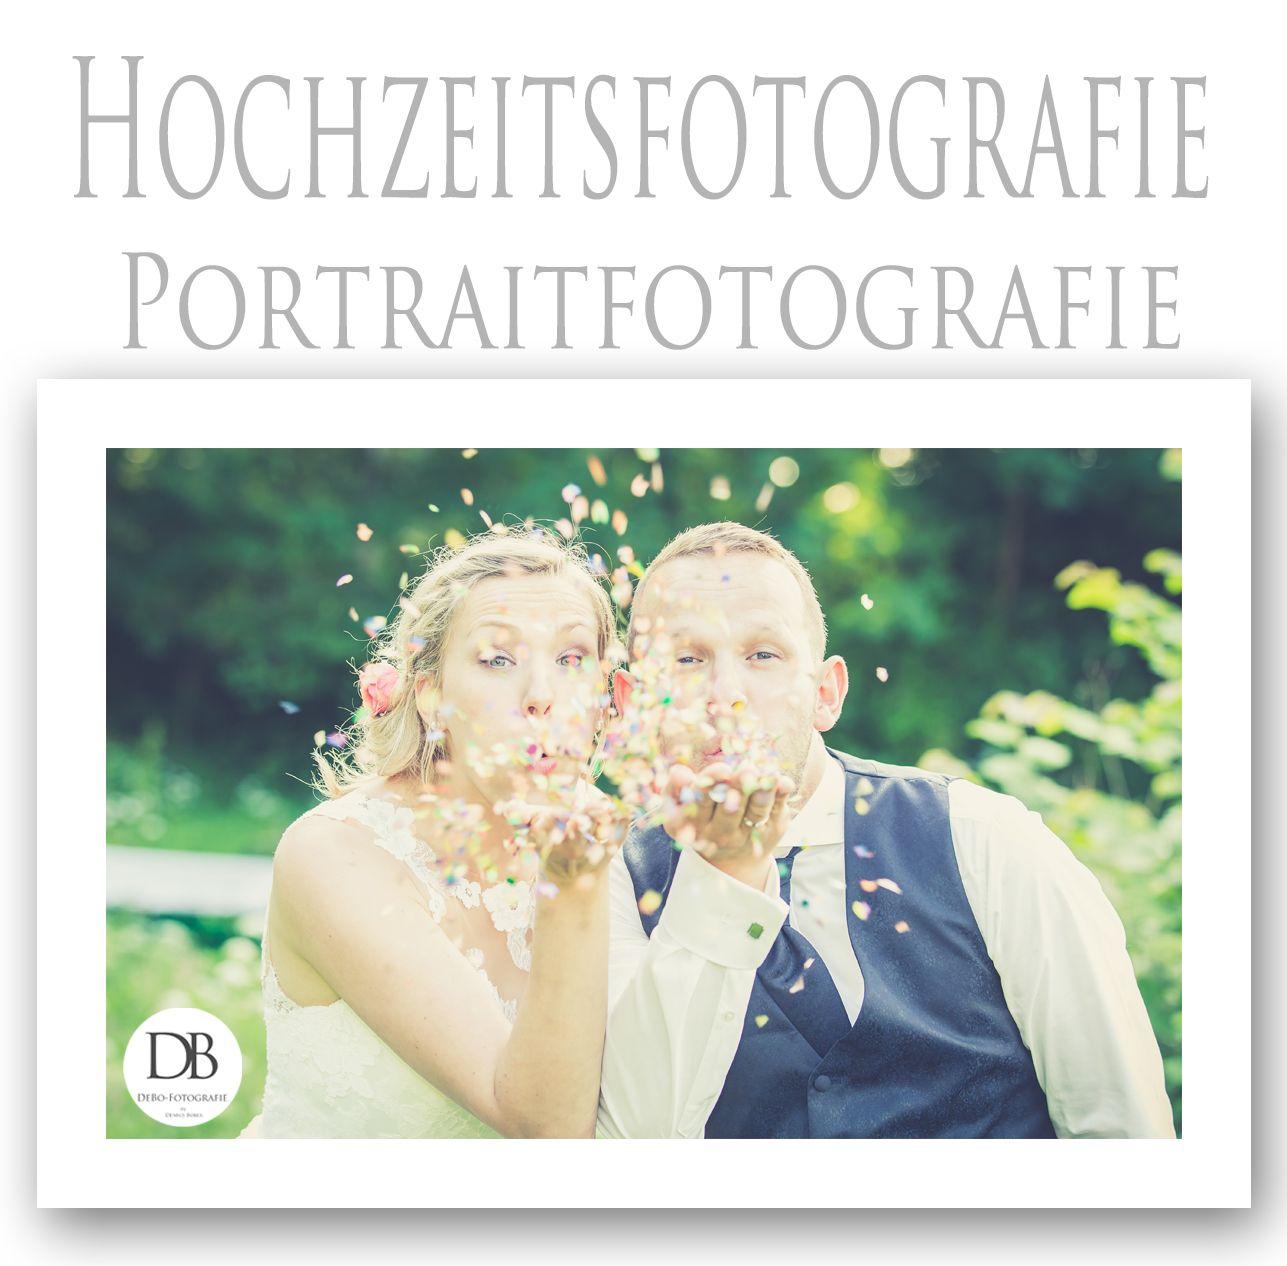 Tremendous Lustige Hochzeitsbilder Best Choice Of Hochzeitsfotos Zwischen Lübeck Und Hamburg. Einzigartige Emotionale